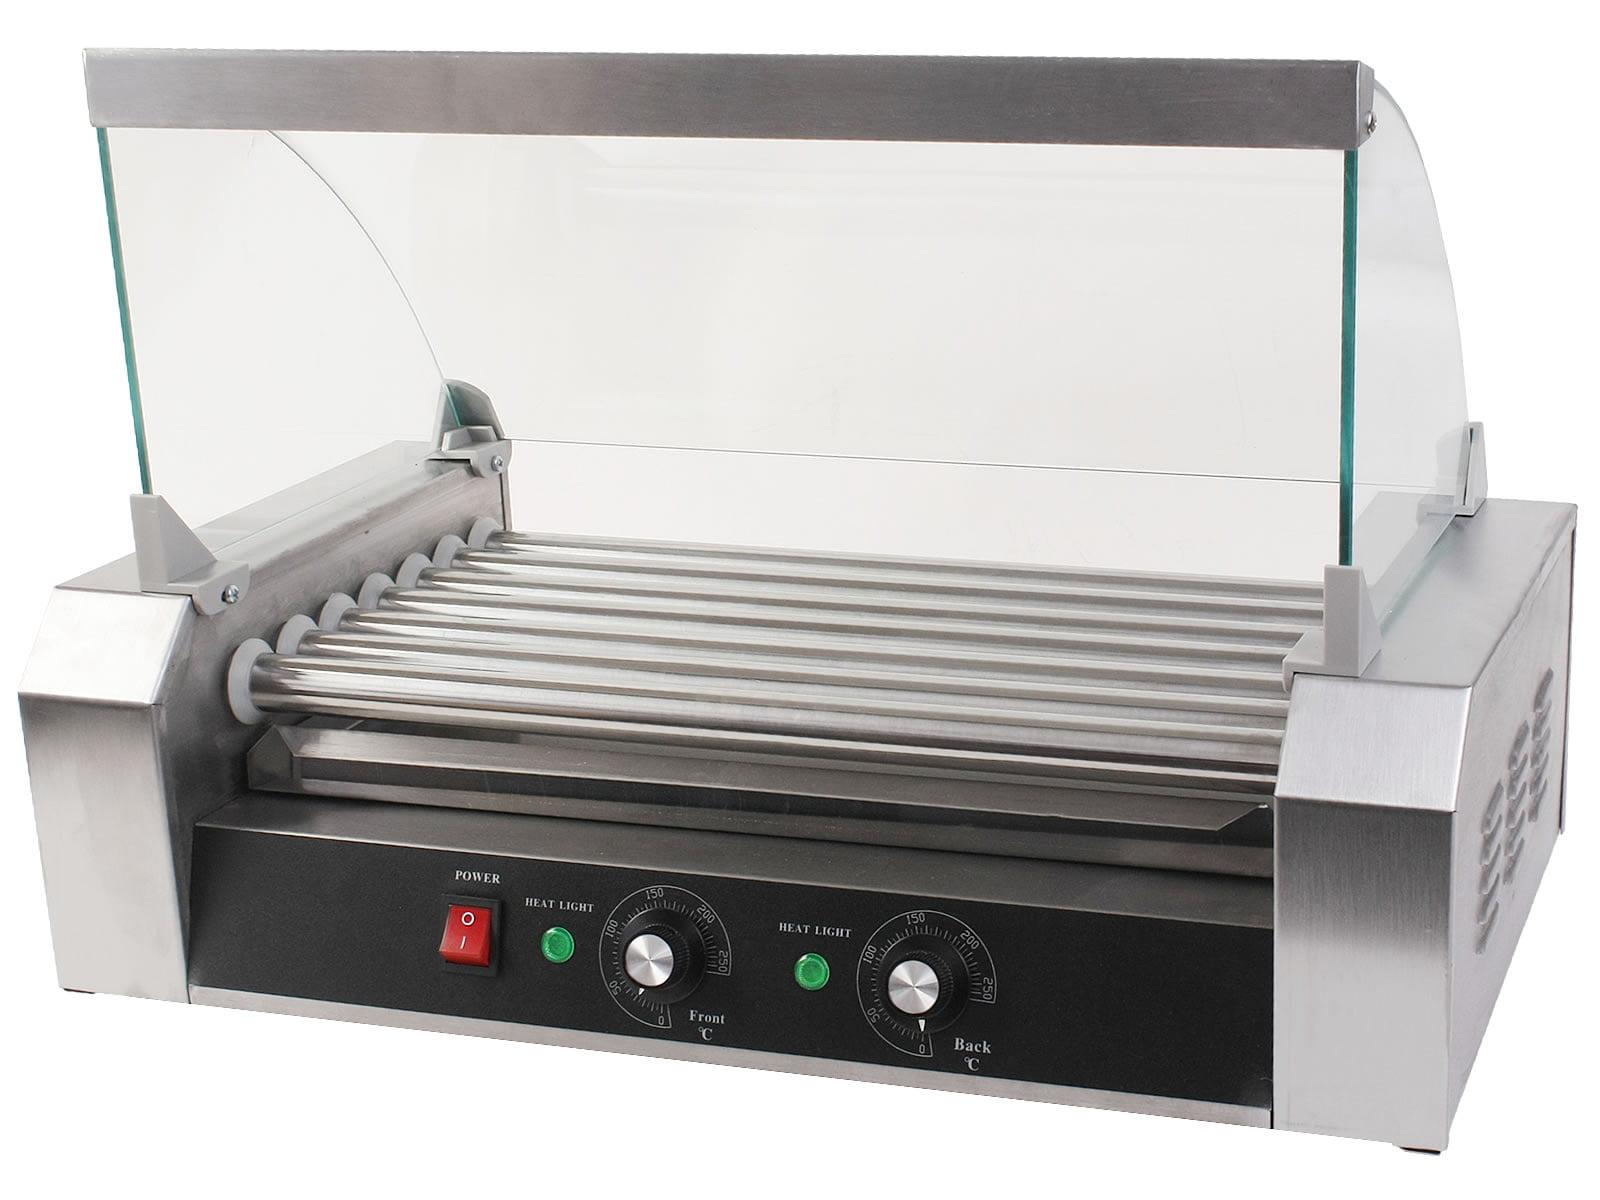 hot dog roller for grill. Black Bedroom Furniture Sets. Home Design Ideas